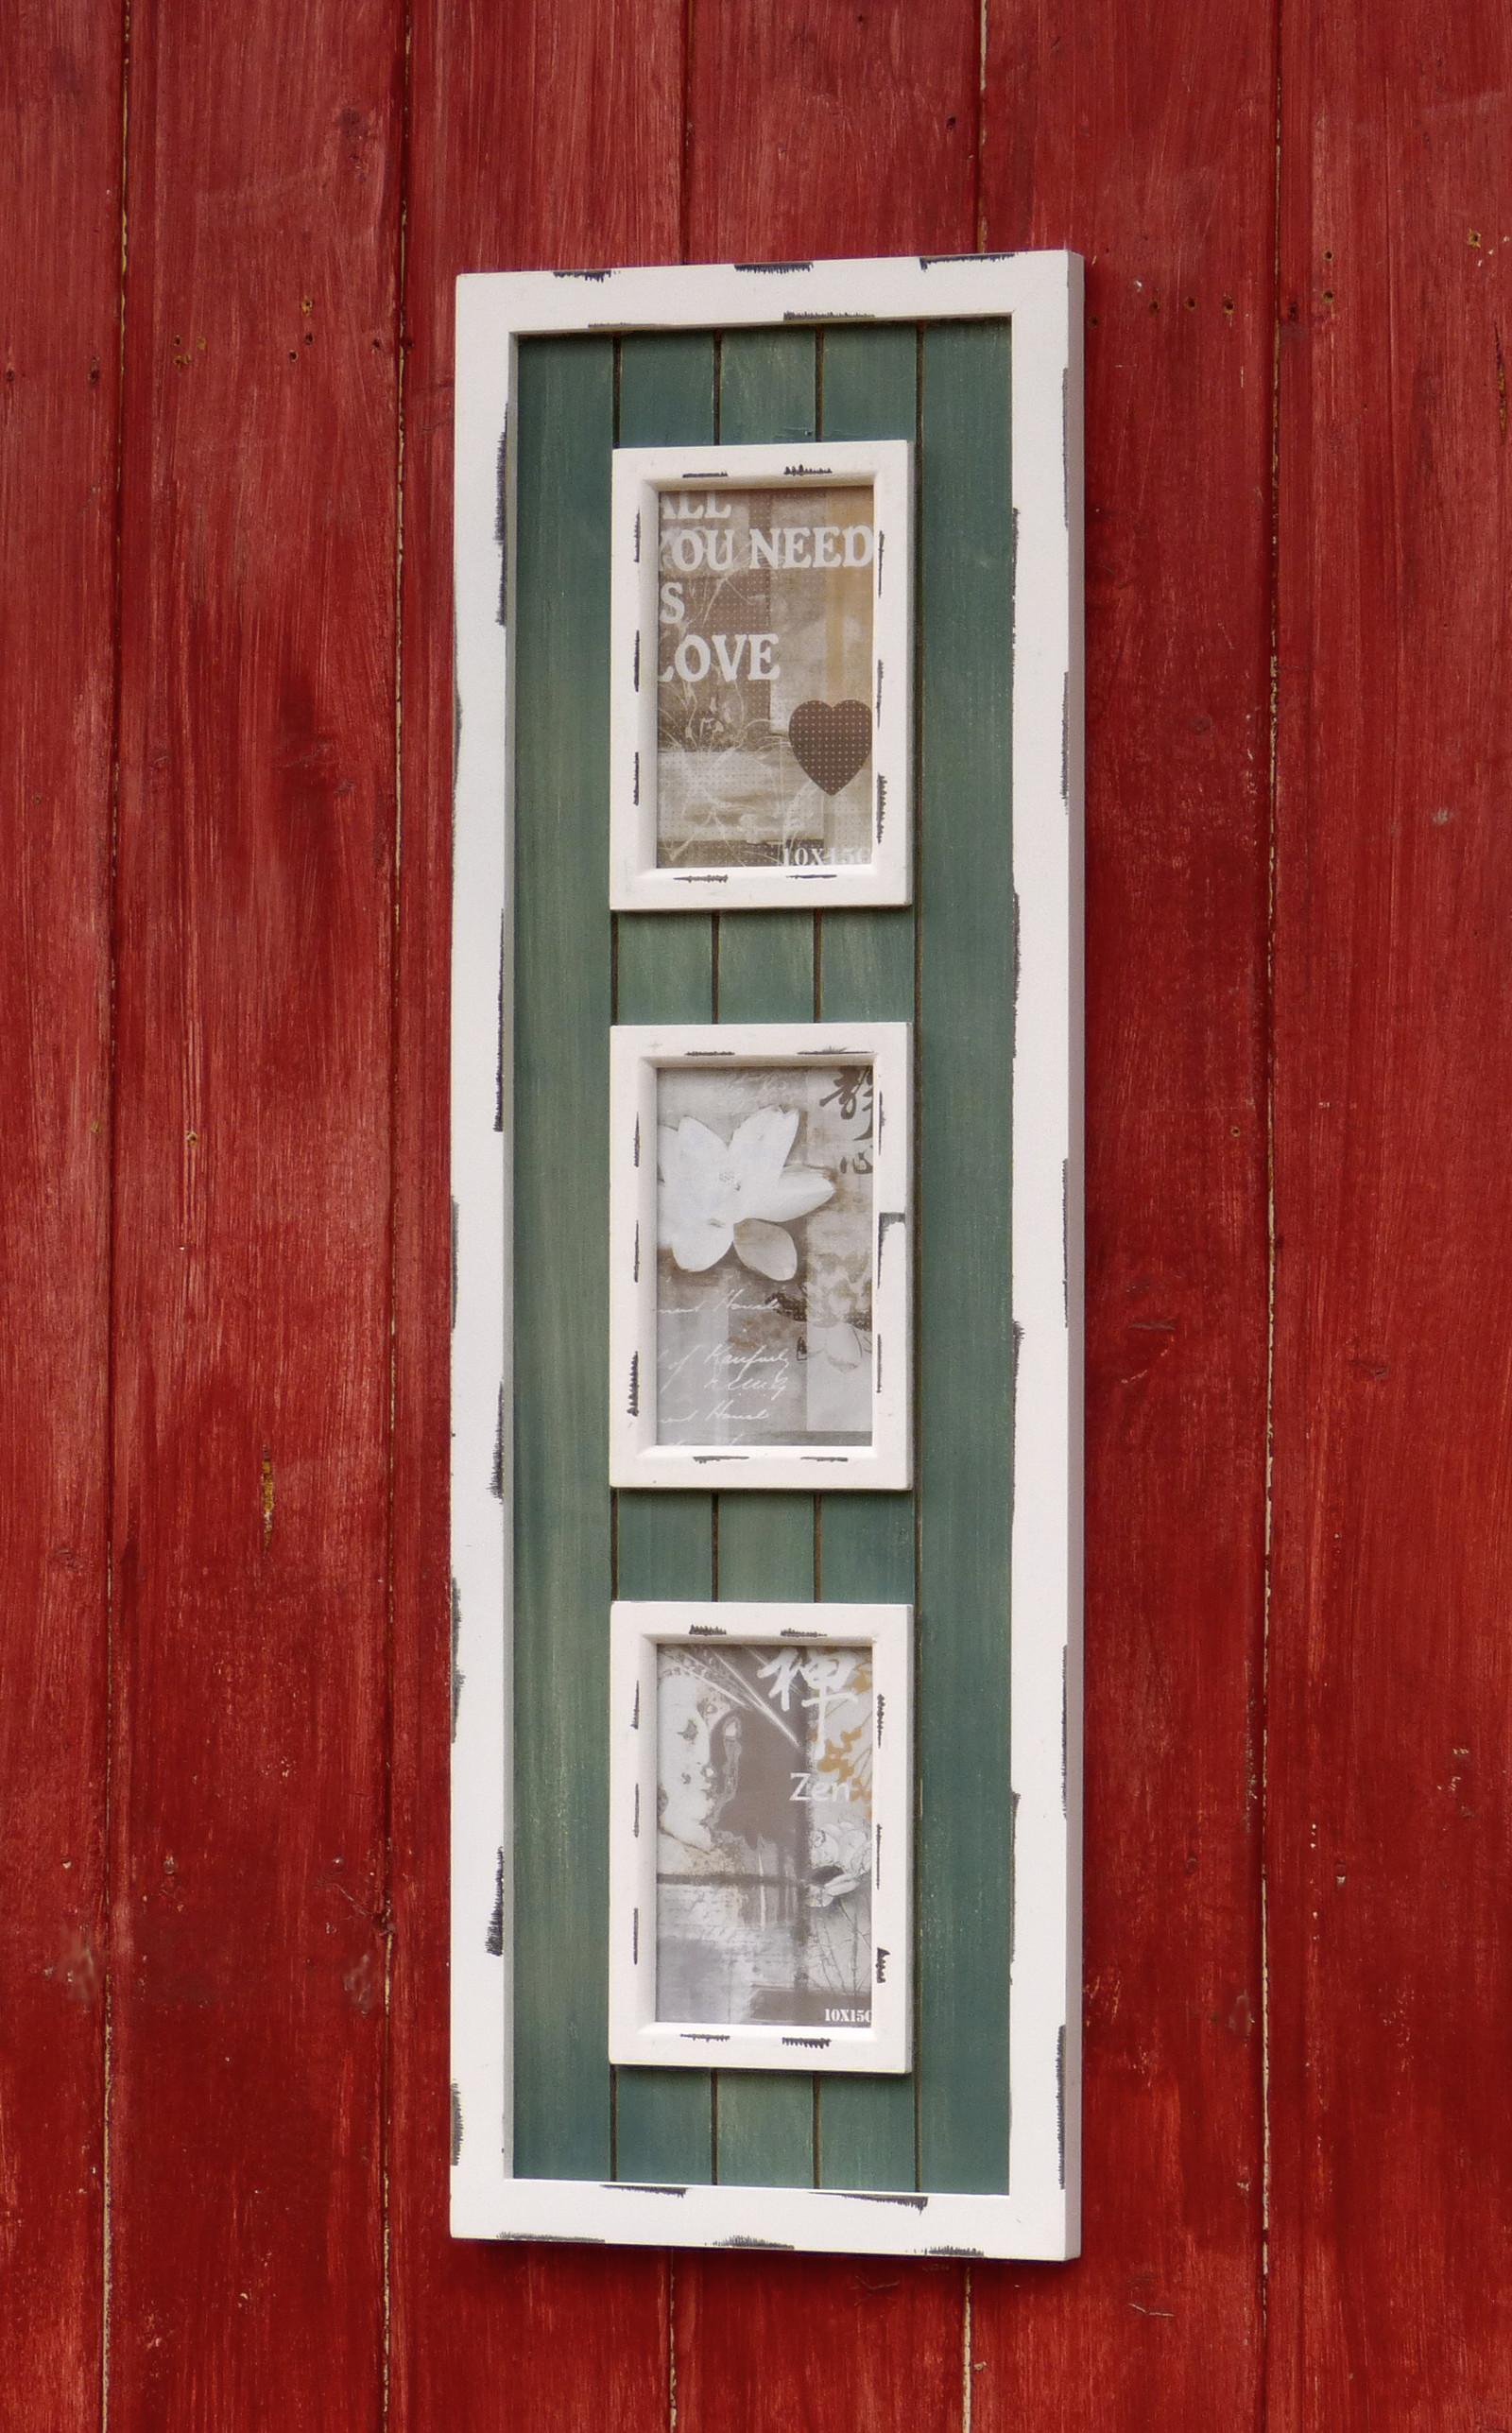 Bilderrahmen Holz FUr Leinwand ~ Bilderrahmen Holz für 3 Bilder Grösse 10cmx15cm im Landhaus Stil